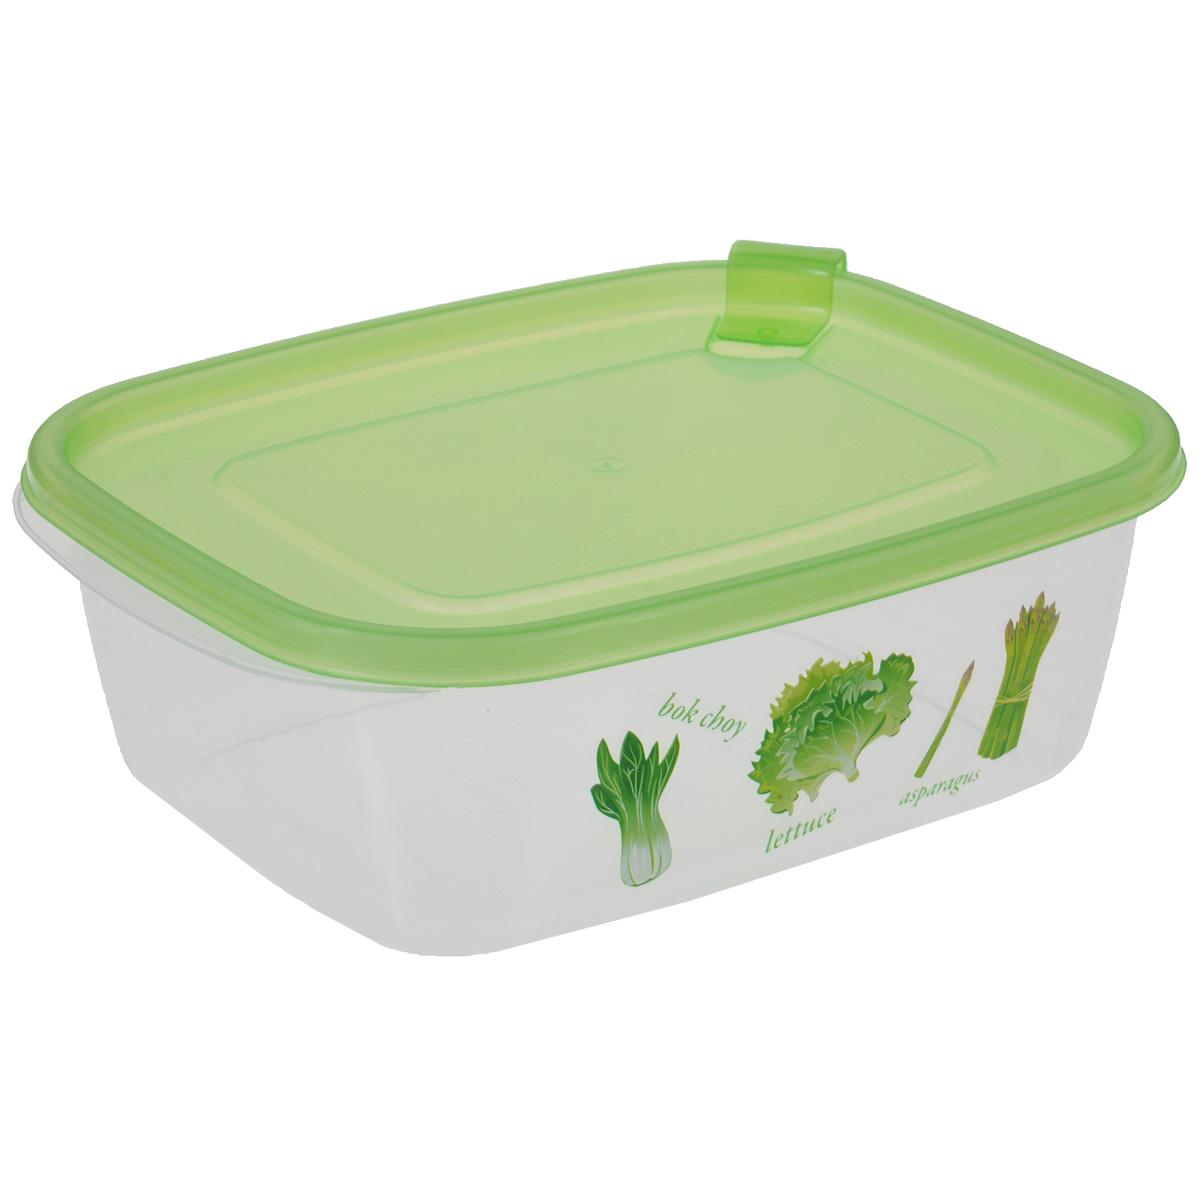 Контейнер Бытпласт Phibo, цвет: зеленый, 1,25 лС11704Контейнер Бытпласт Phibo прямоугольной формы, изготовленный из прочного пластика, предназначен специально для хранения пищевых продуктов. Контейнер, декорированный изображением овощей, оснащен герметичной крышкой со специальным клапаном, благодаря которому внутри создается вакуум, и продукты дольше сохраняют свежесть и аромат. Крышка легко открывается и плотно закрывается. Прозрачные стенки позволяют видеть содержимое. Контейнер устойчив к воздействию масел и жиров, легко моется. Контейнер имеет возможность хранения продуктов глубокой заморозки, обладает высокой прочностью. Можно мыть в посудомоечной машине. Подходит для использования в микроволновых печах.